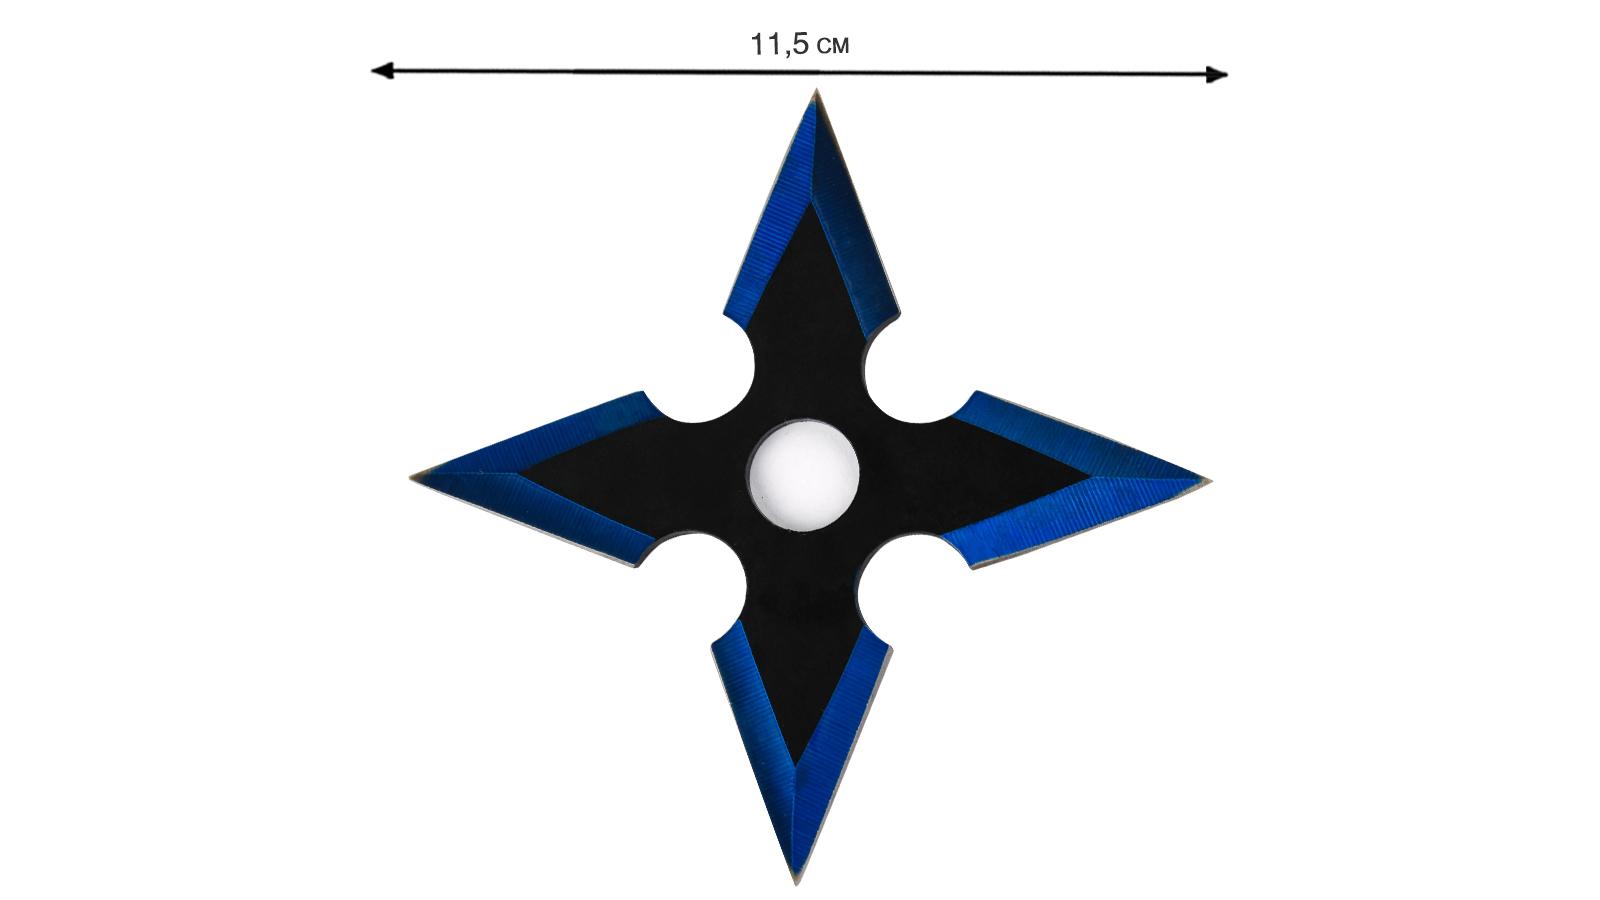 Метательные звезды Сякен по выгодной цене